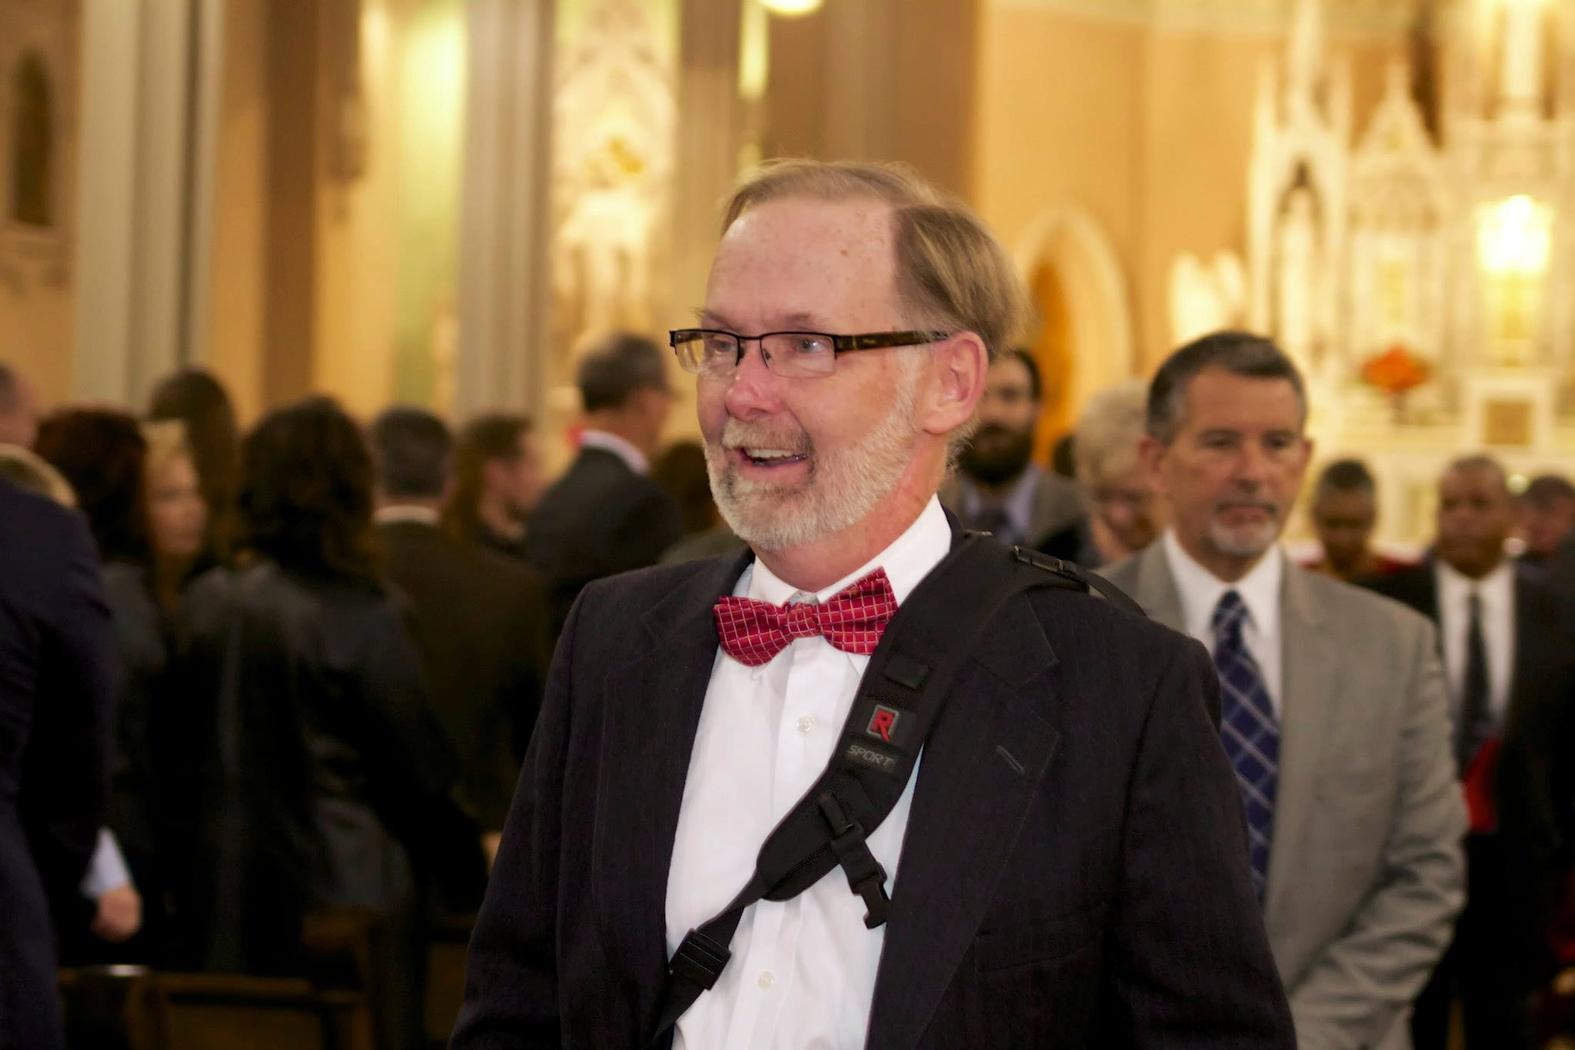 John Cooke